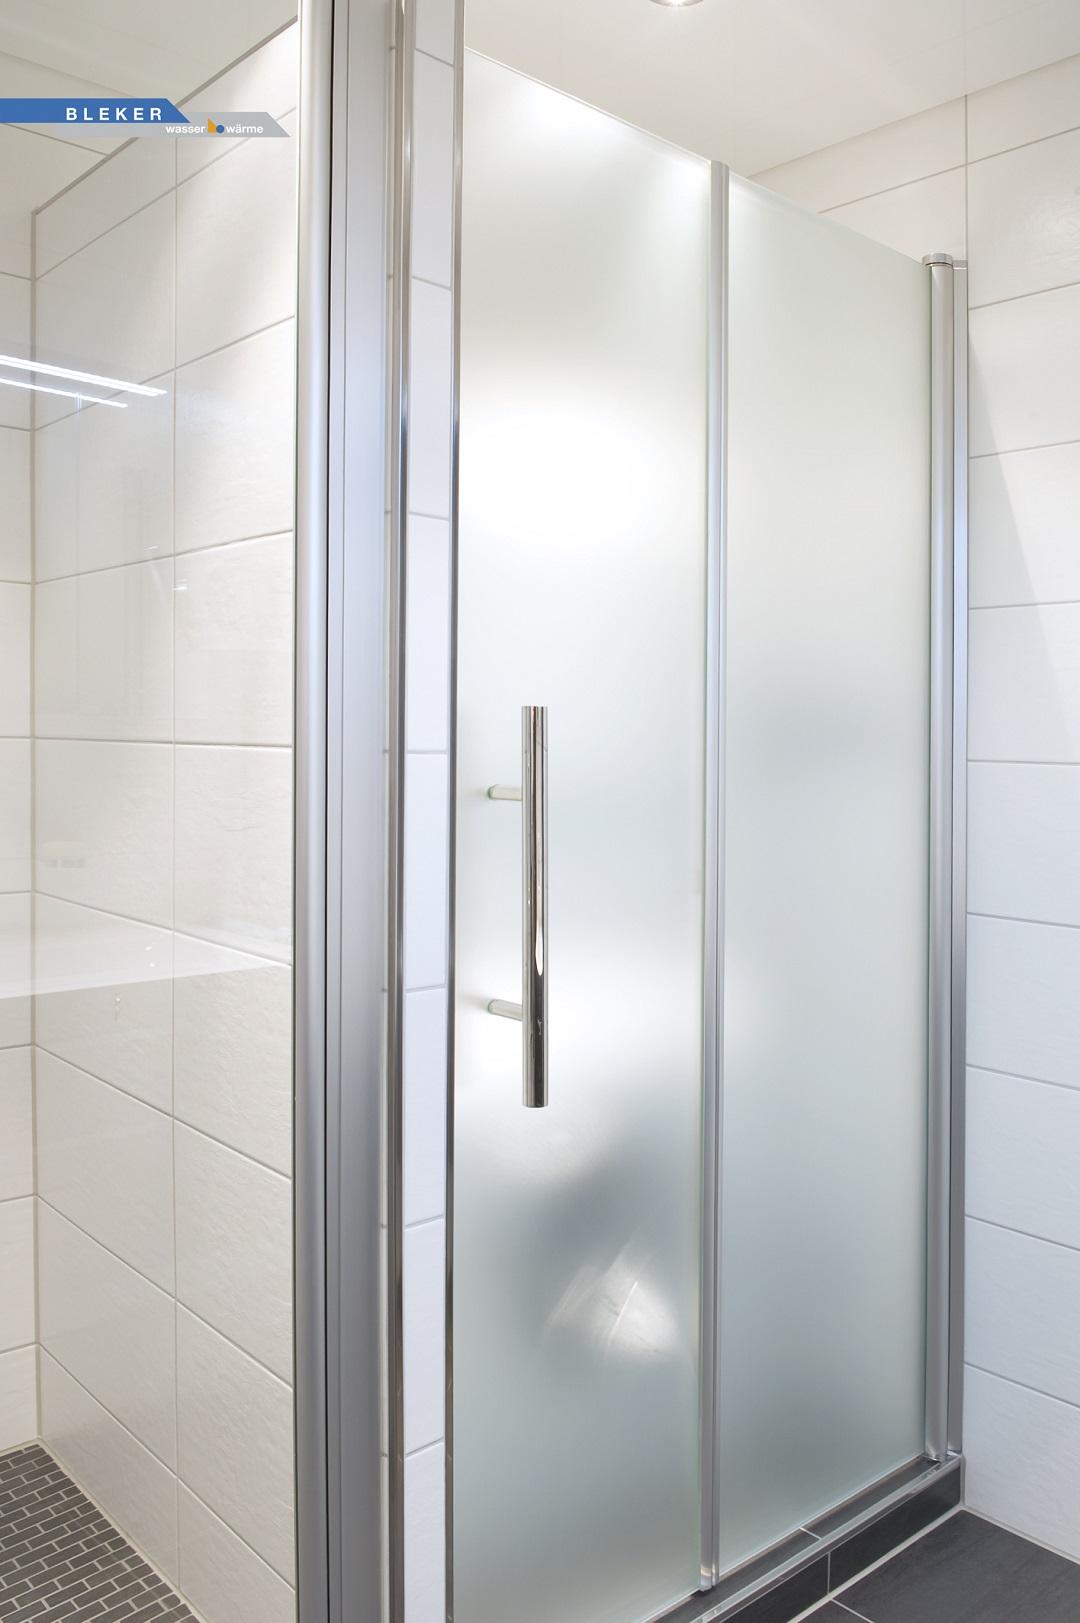 Bad-Abstellraum für Waschmaschine und Trockner